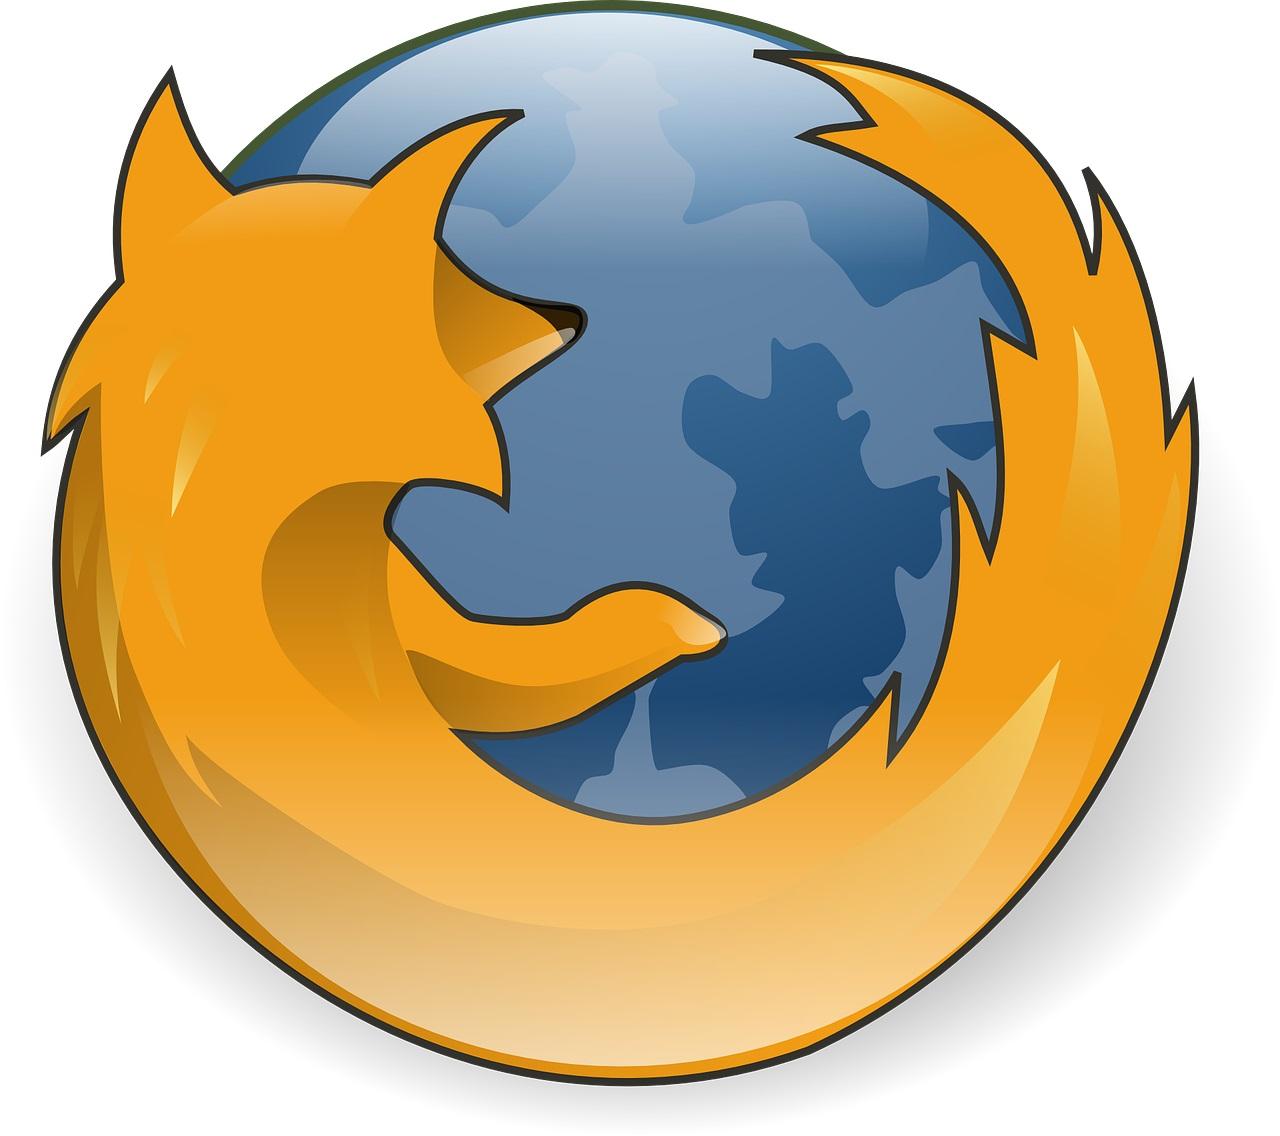 En savoir plus sur les logiciels libres